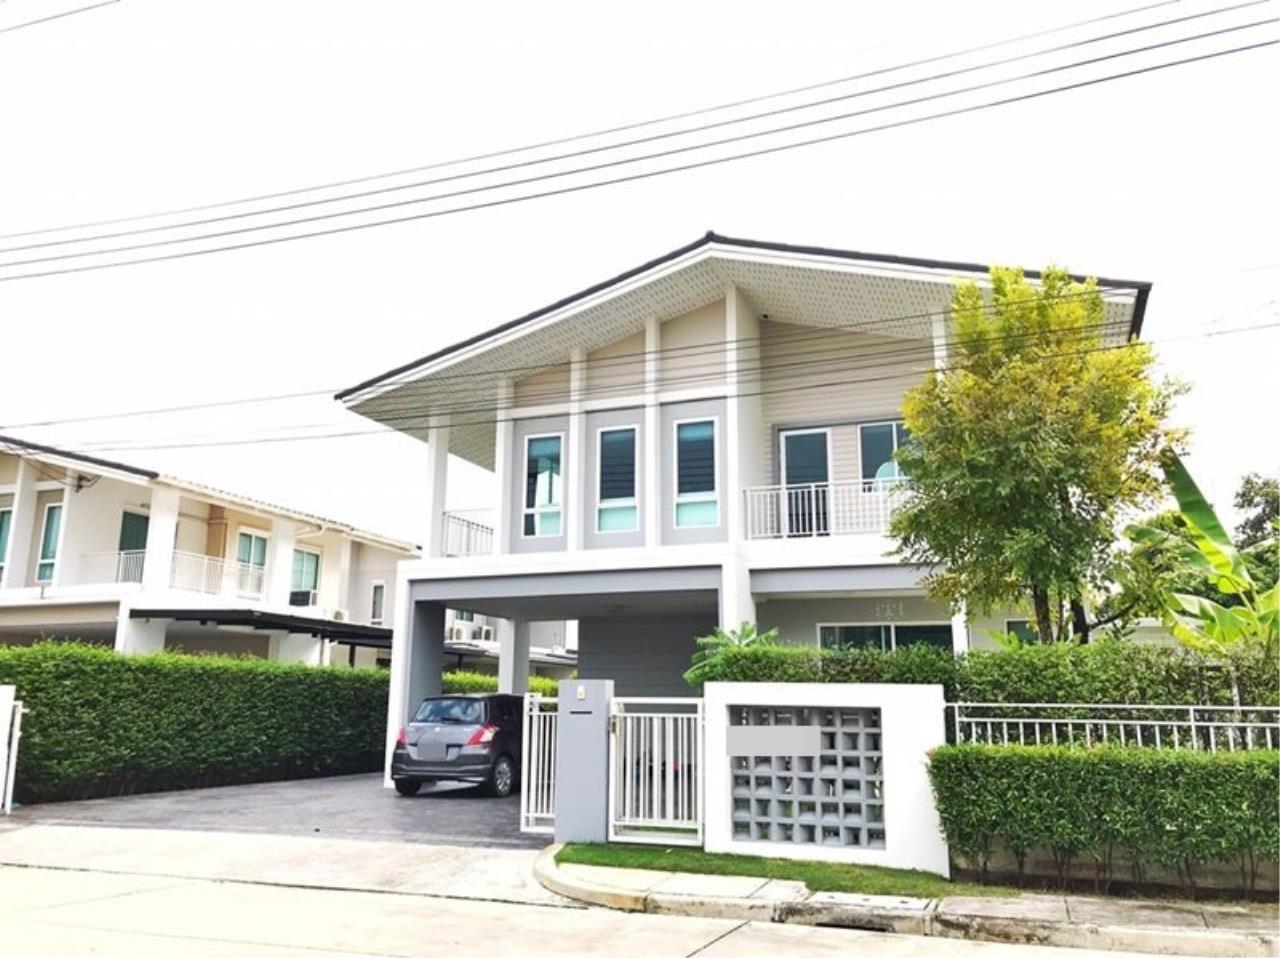 ขาย บ้าน แขวงสามวาตะวันตก เขตคลองสามวา กรุงเทพมหานคร, ภาพที่ 1